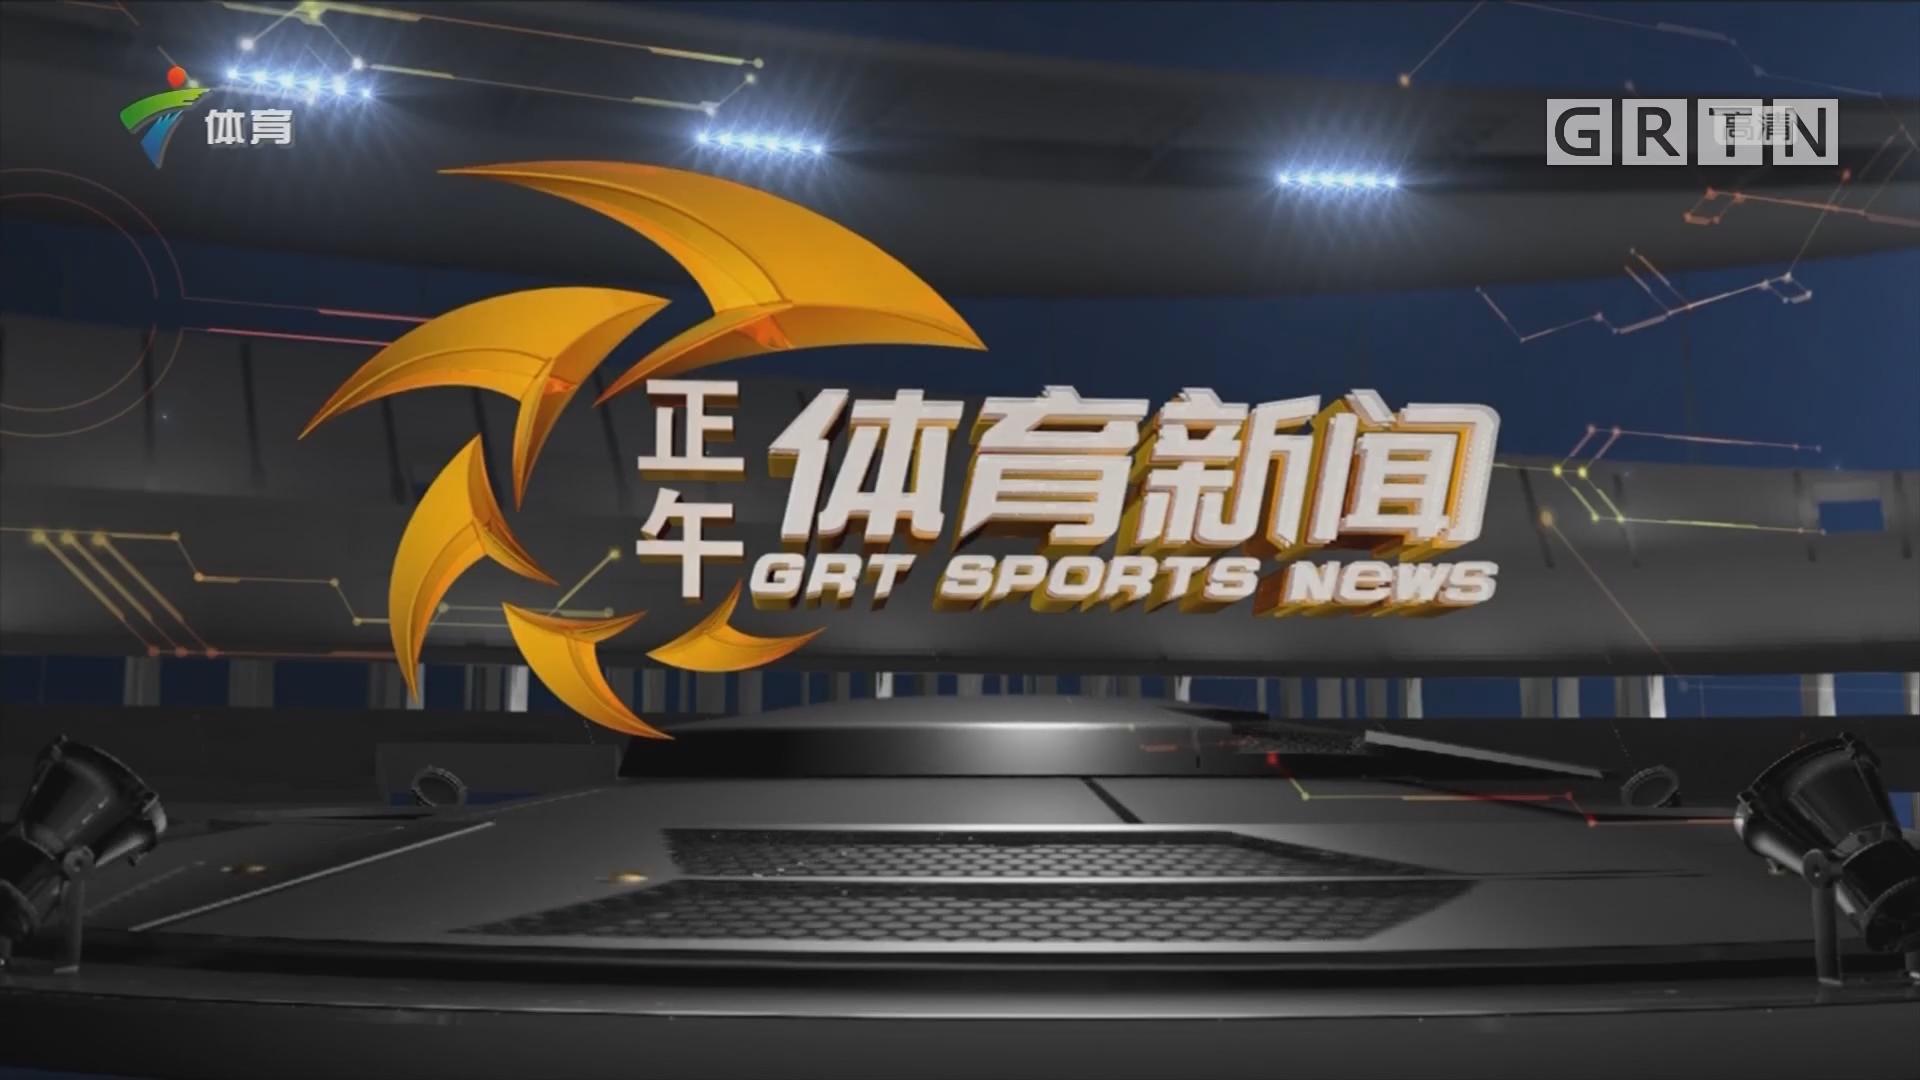 [HD][2019-10-04]正午體育新聞:田徑世錦賽中國第三金 鞏立姣女子鉛球成功衛冕